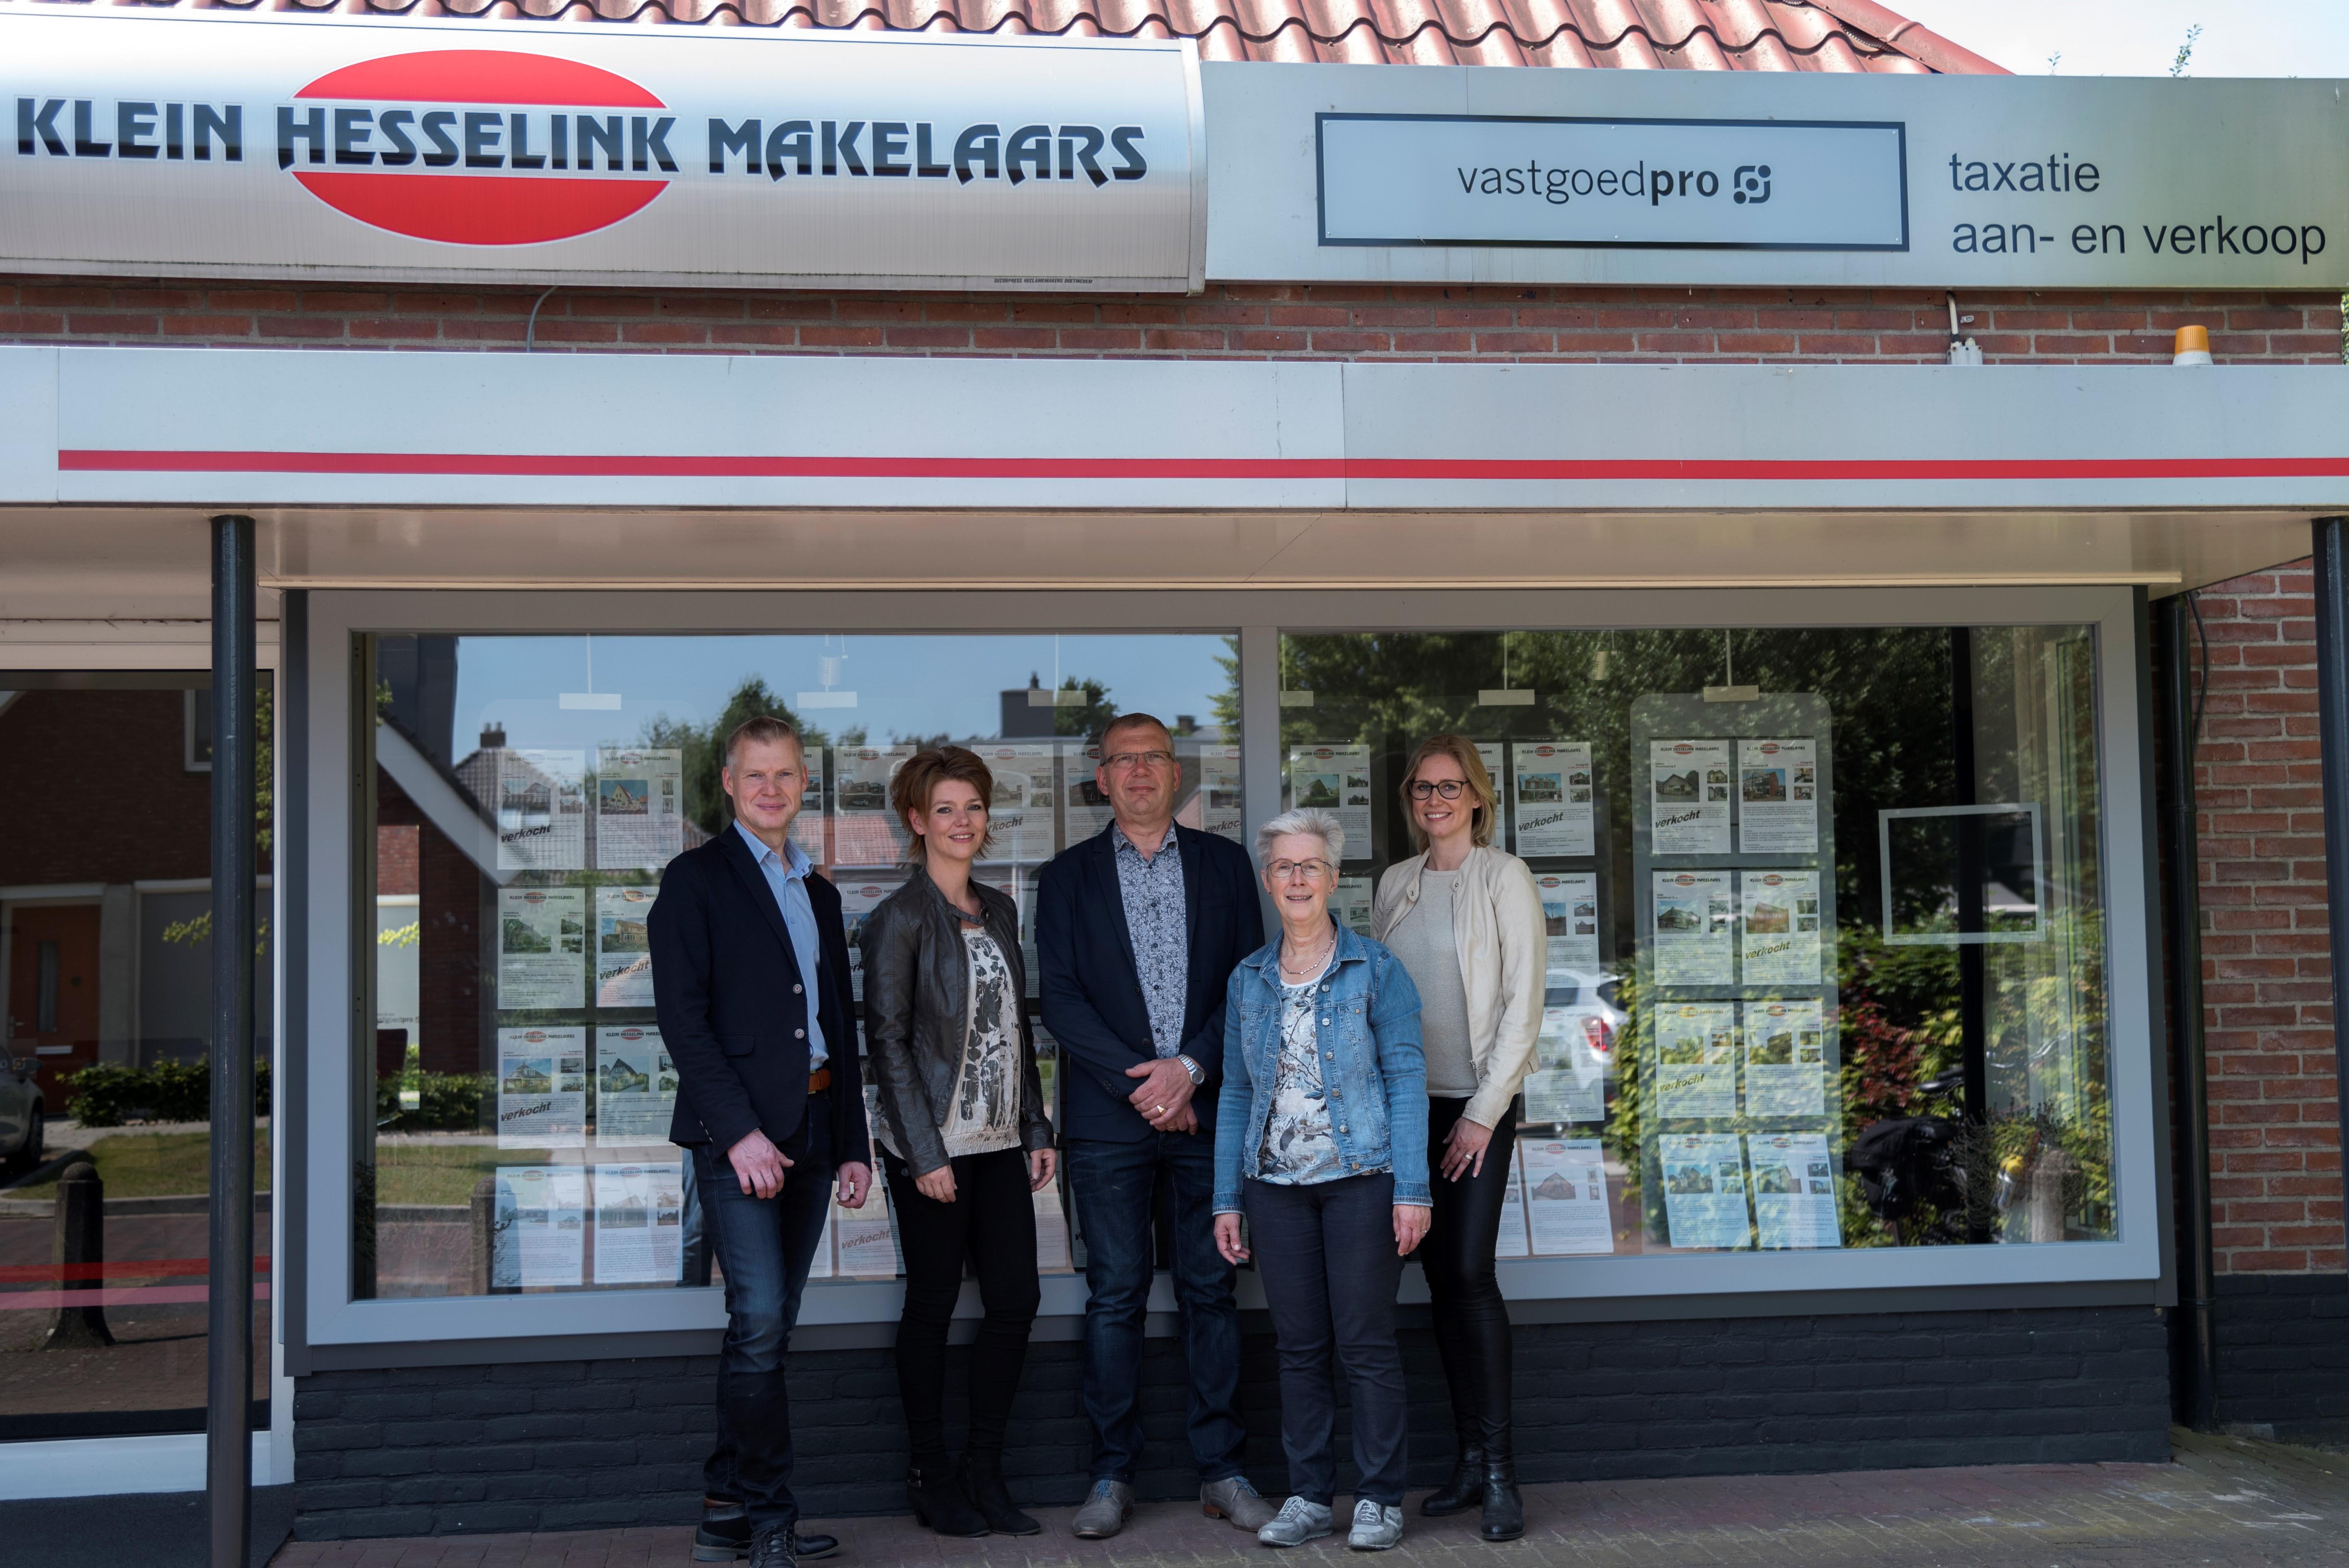 Kantoor Vestiging Klein Hesselink Makelaars